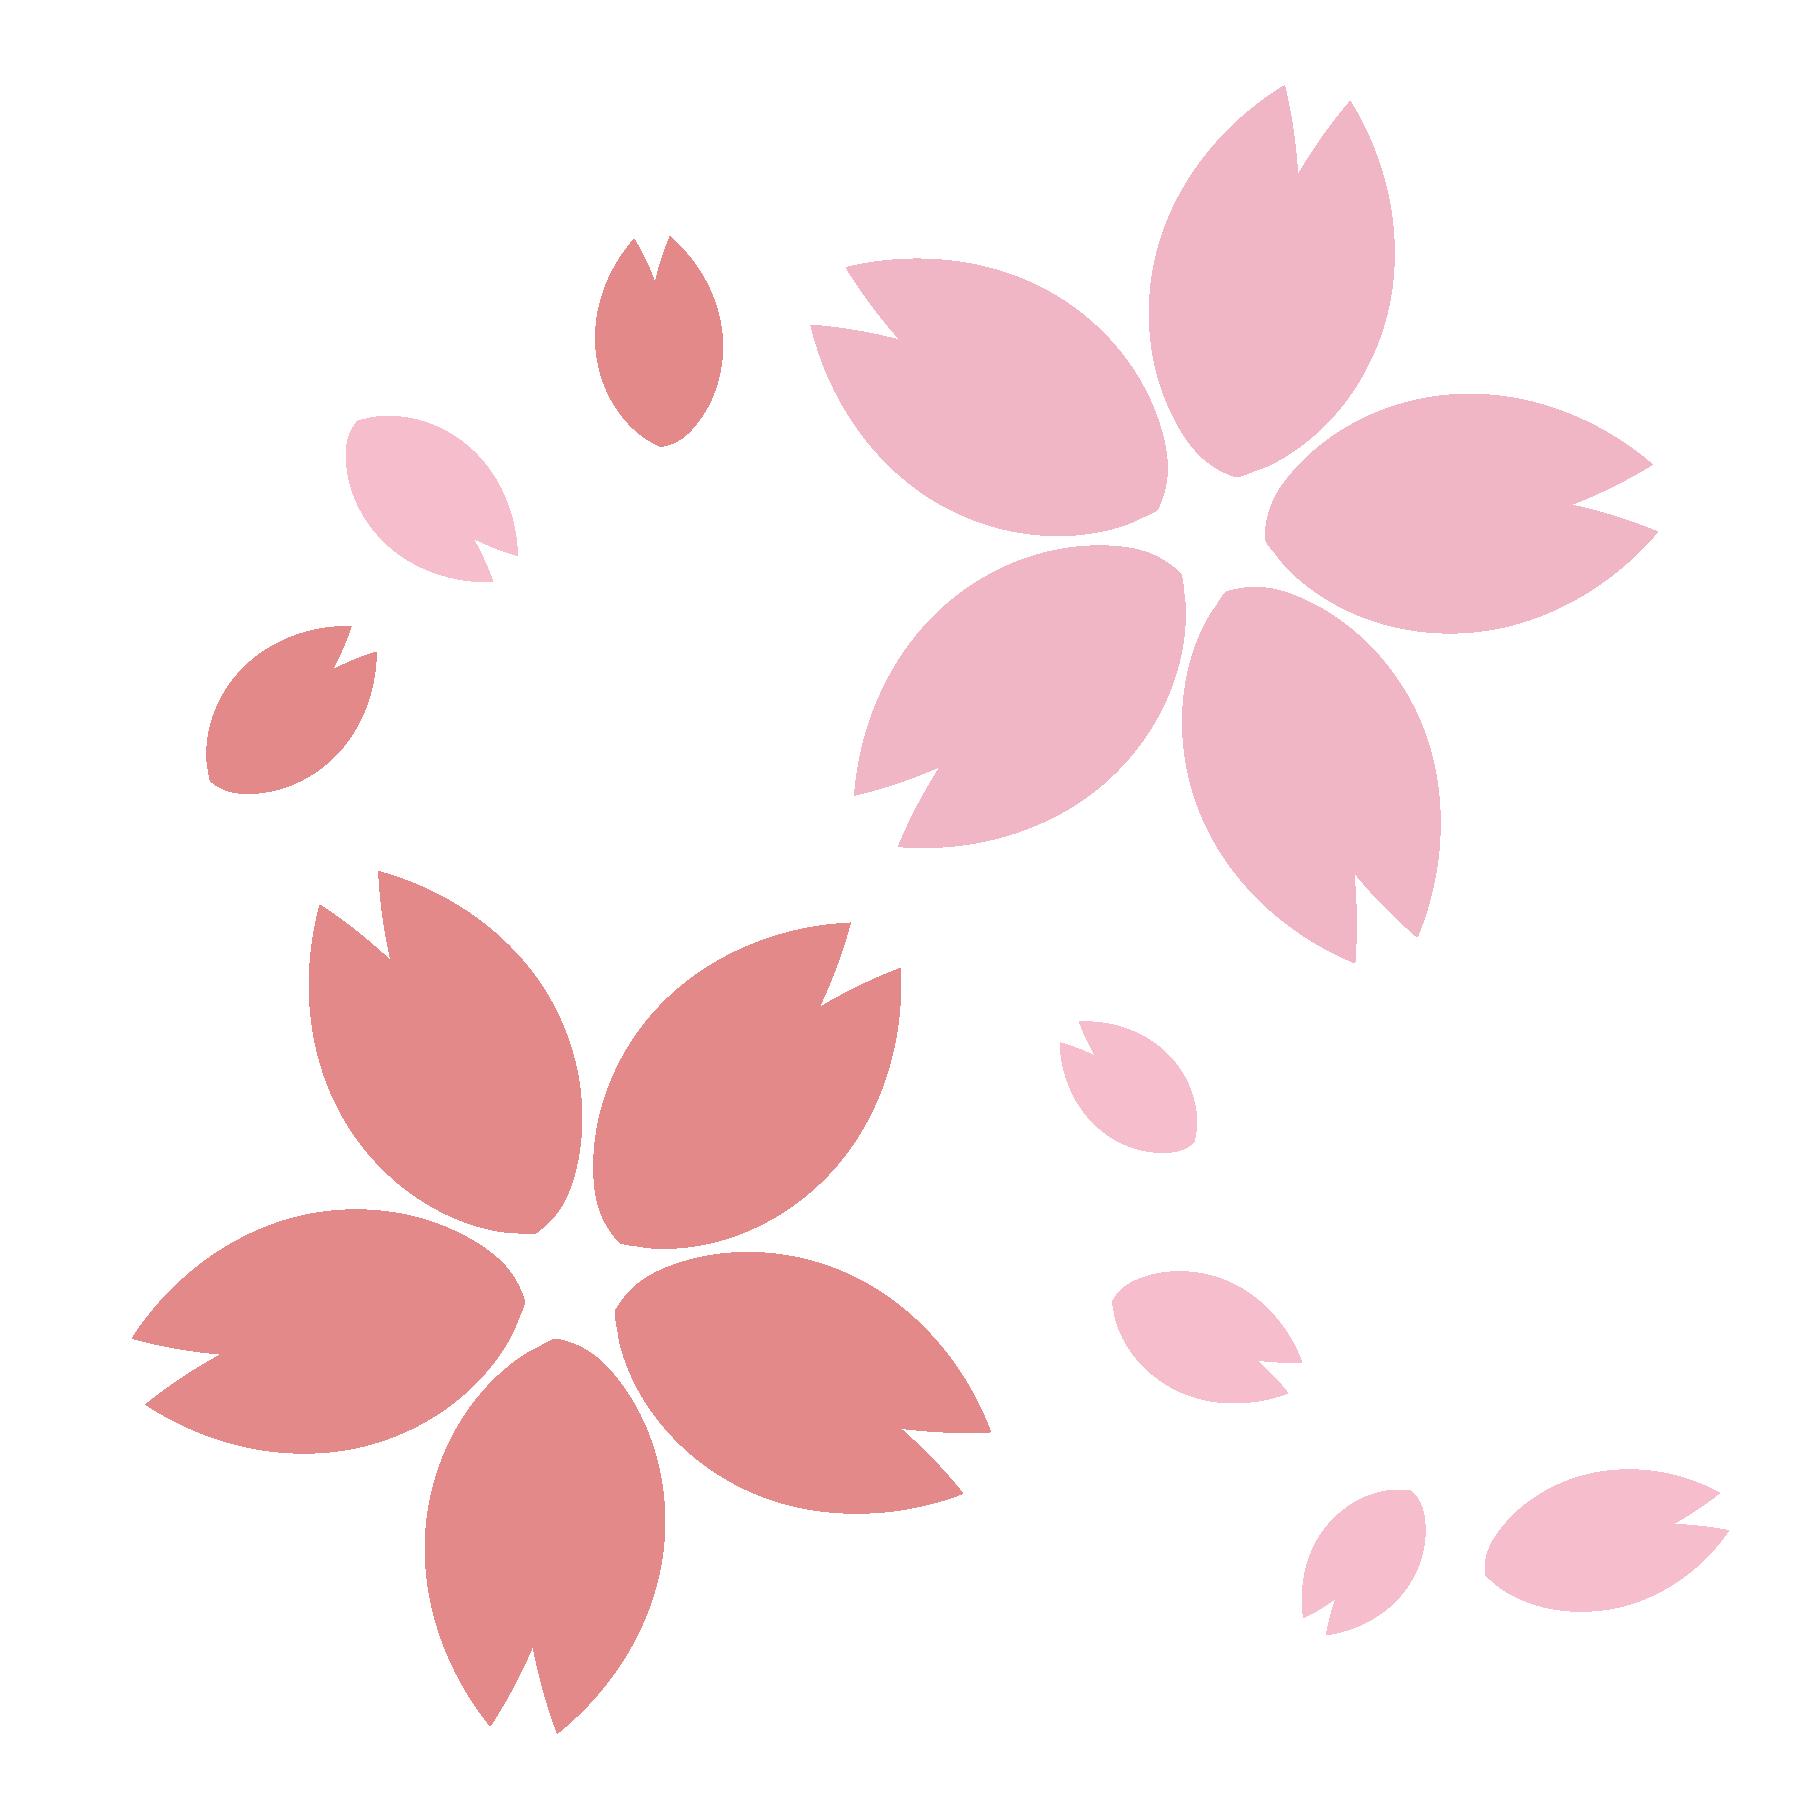 桜(さくら・サクラ)のイラスト【春】 | 商用フリー(無料)のイラスト